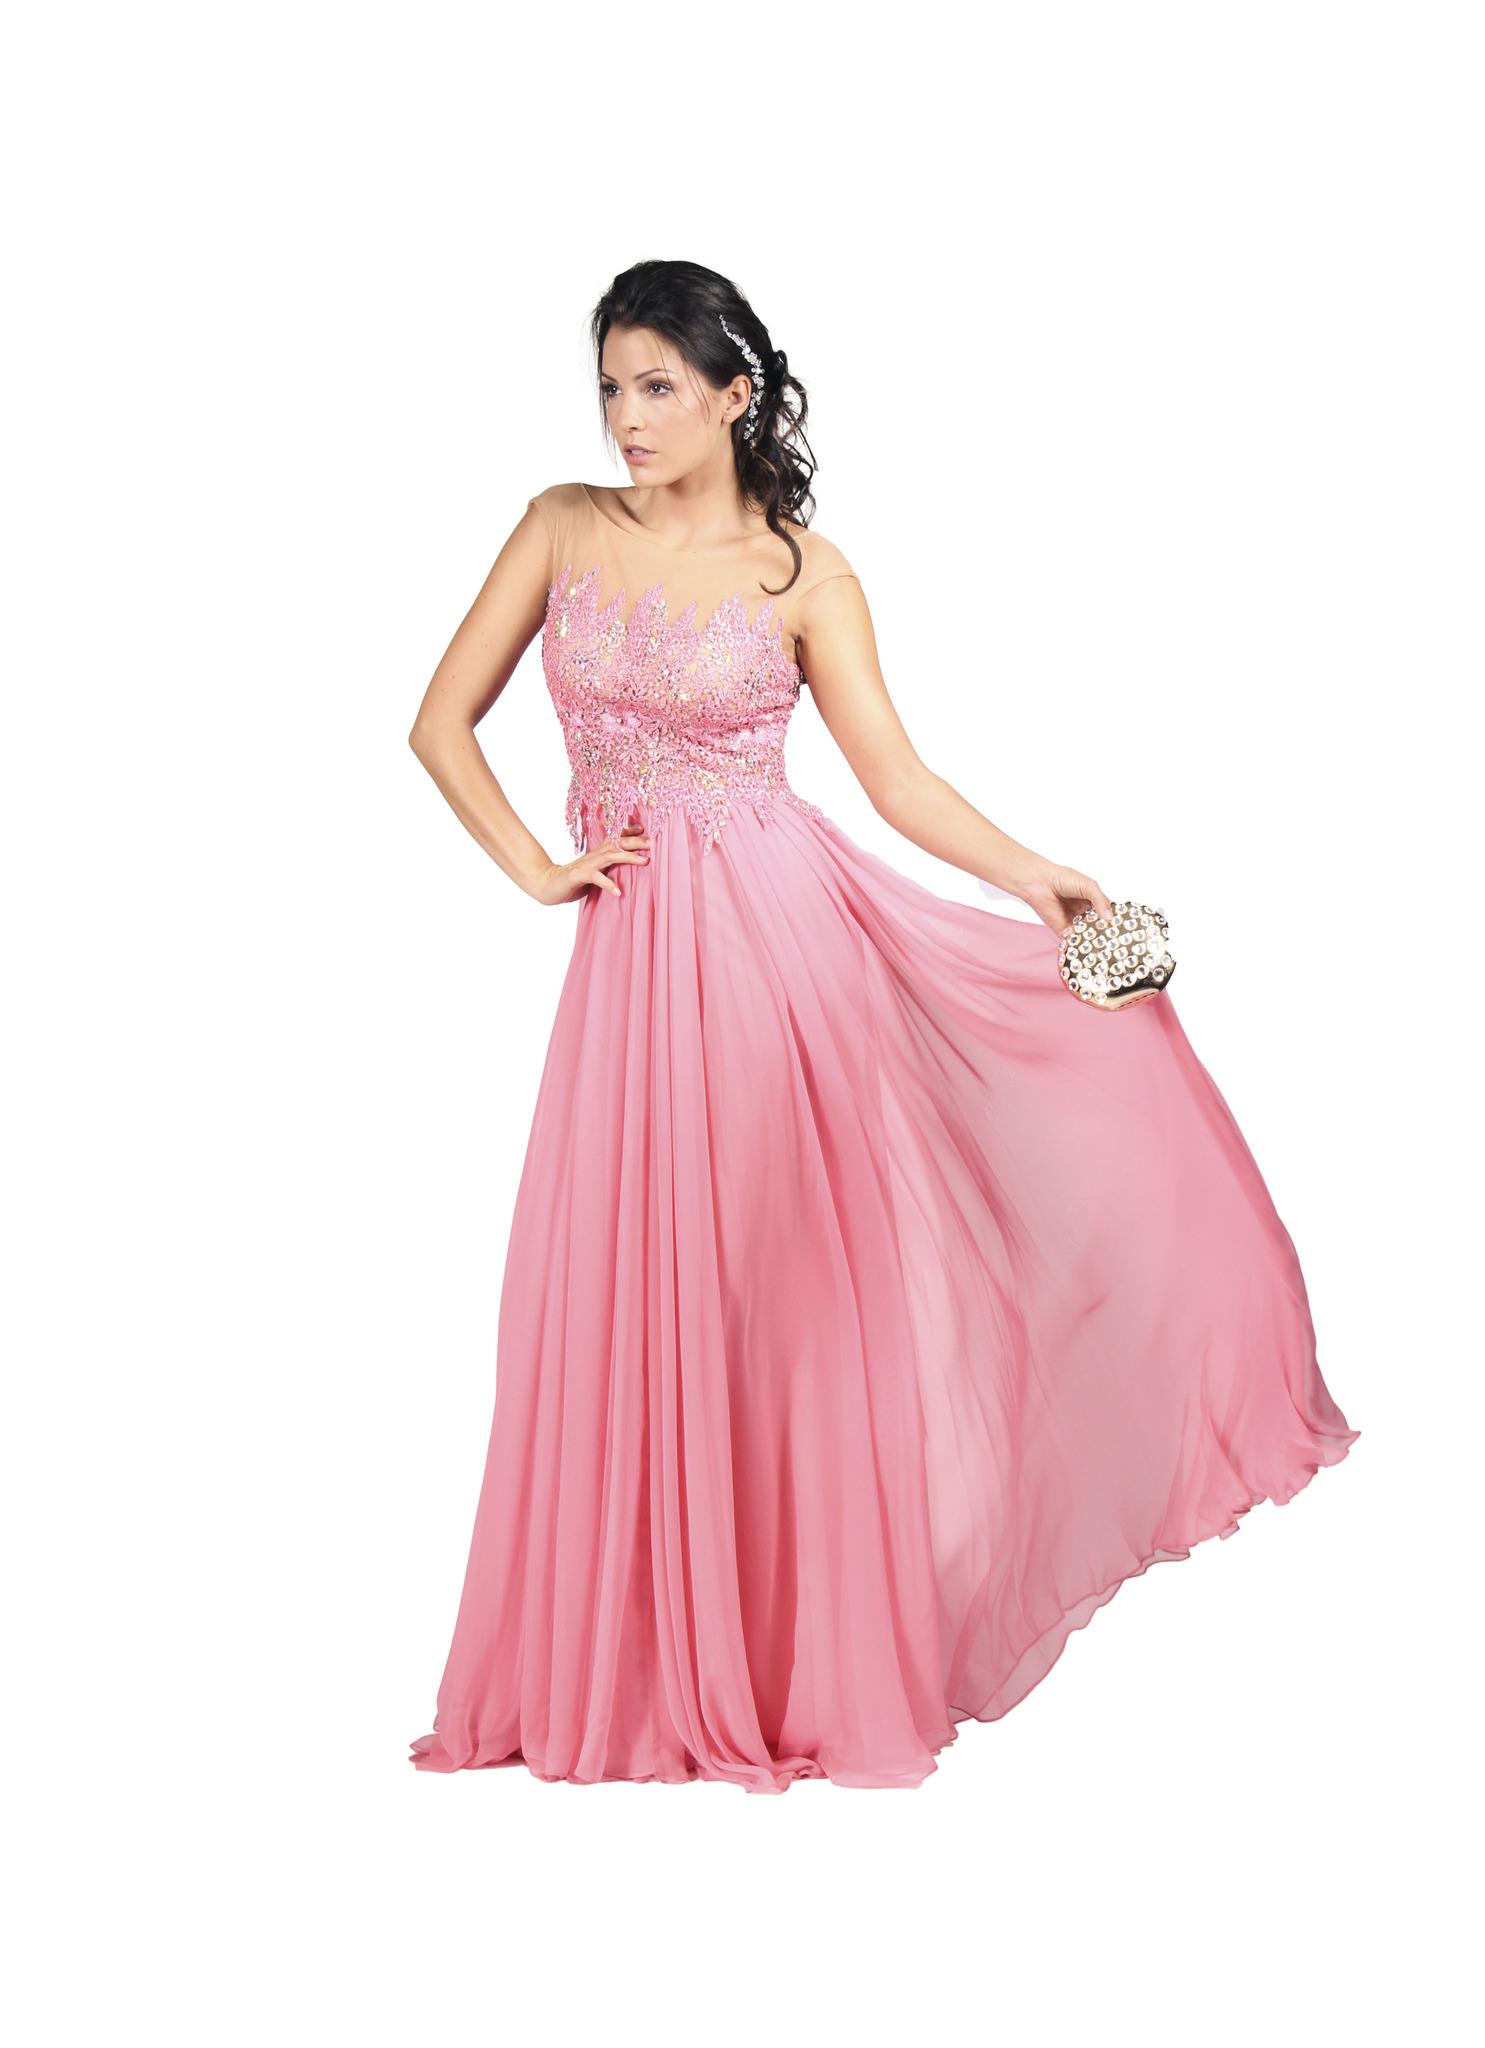 Das perfekte Kleid zum Mieten - Linz